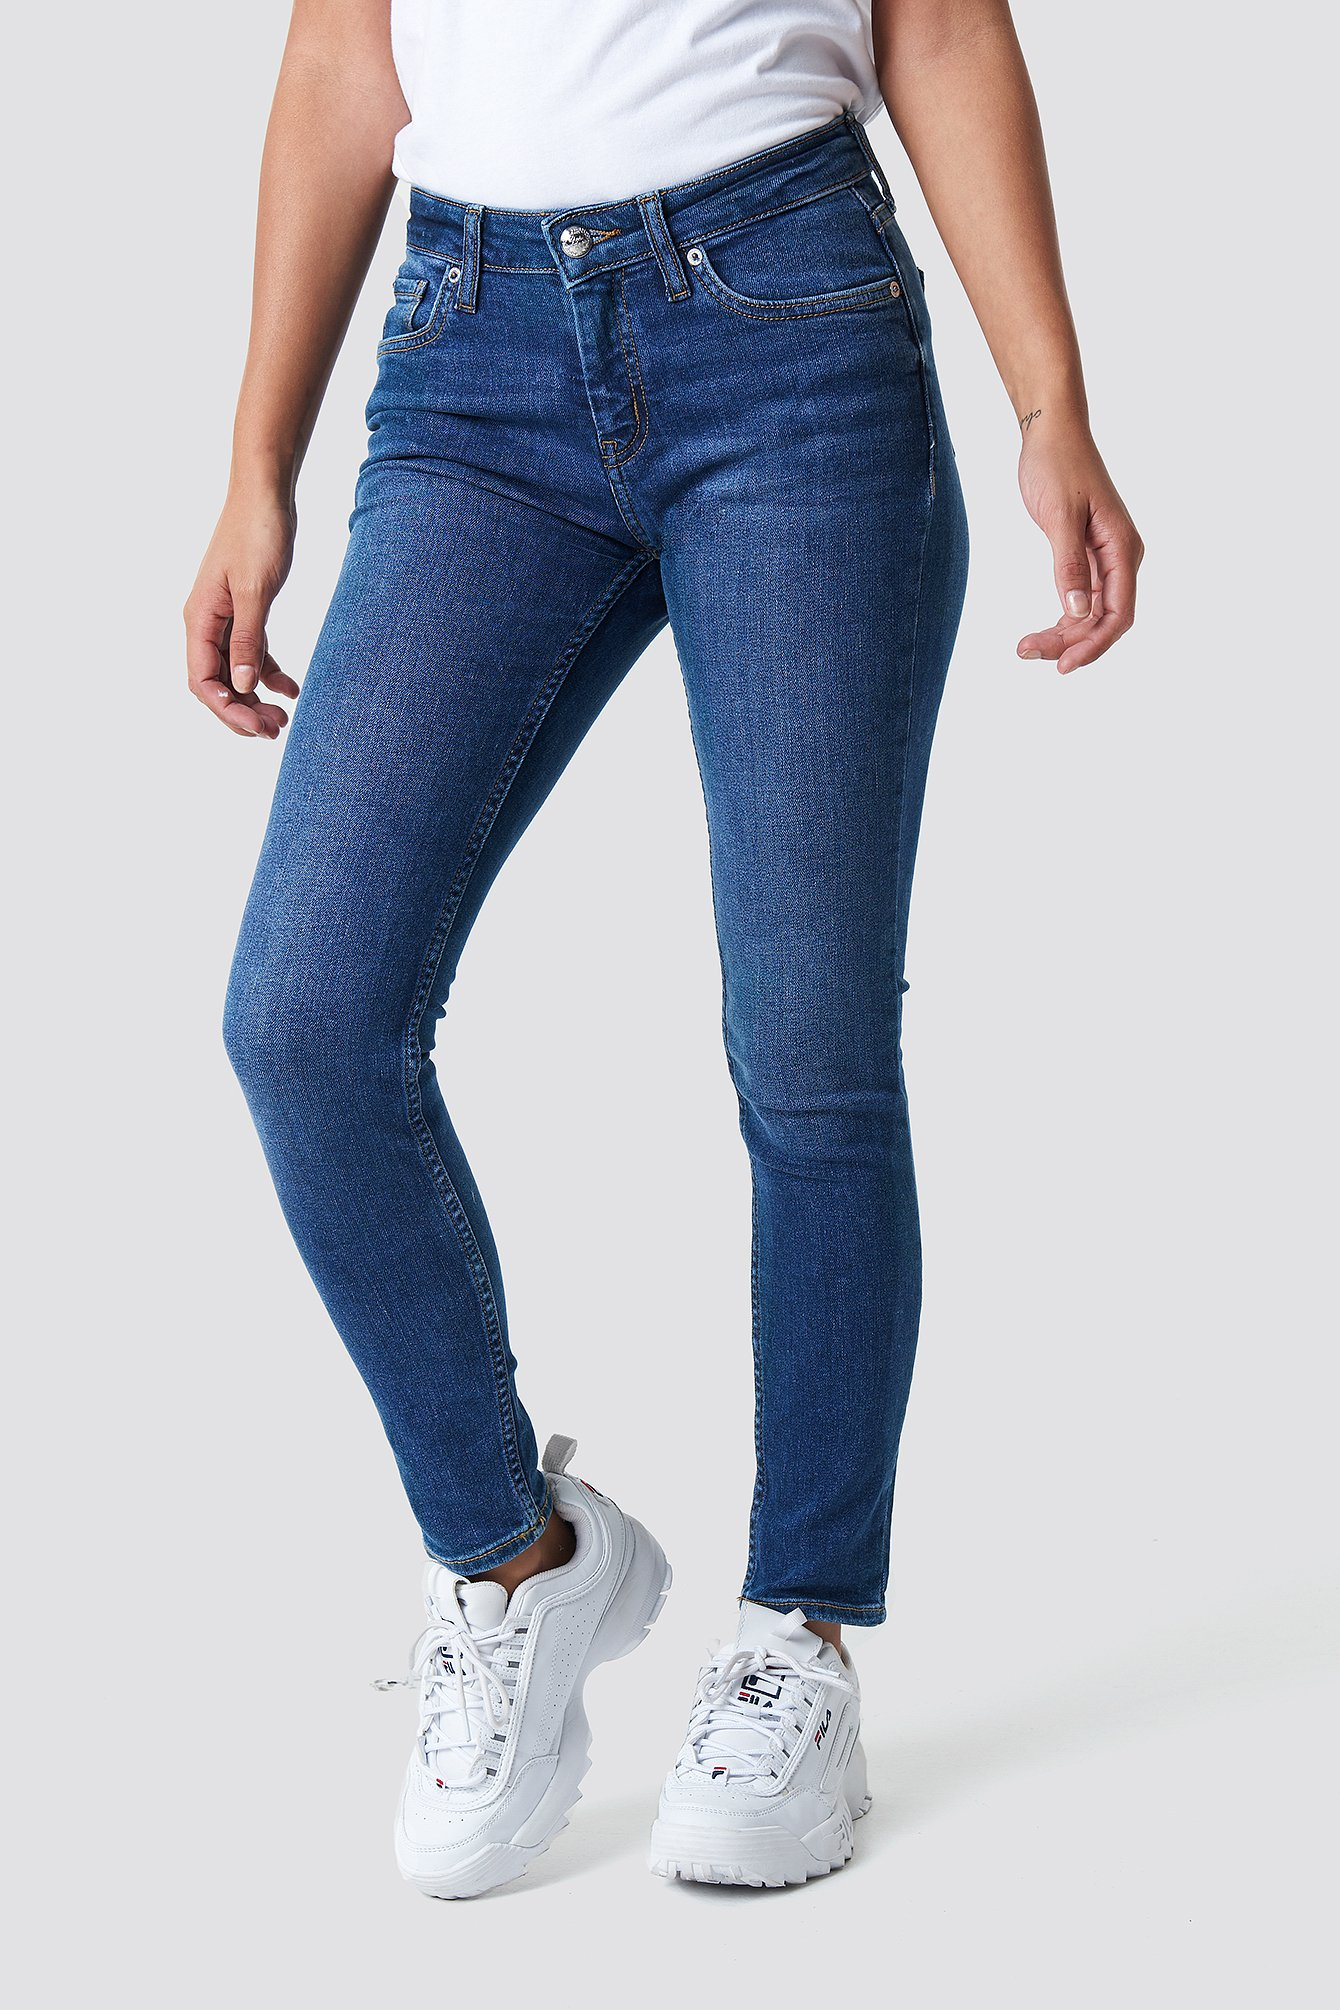 Olivia Jeans NA-KD.COM